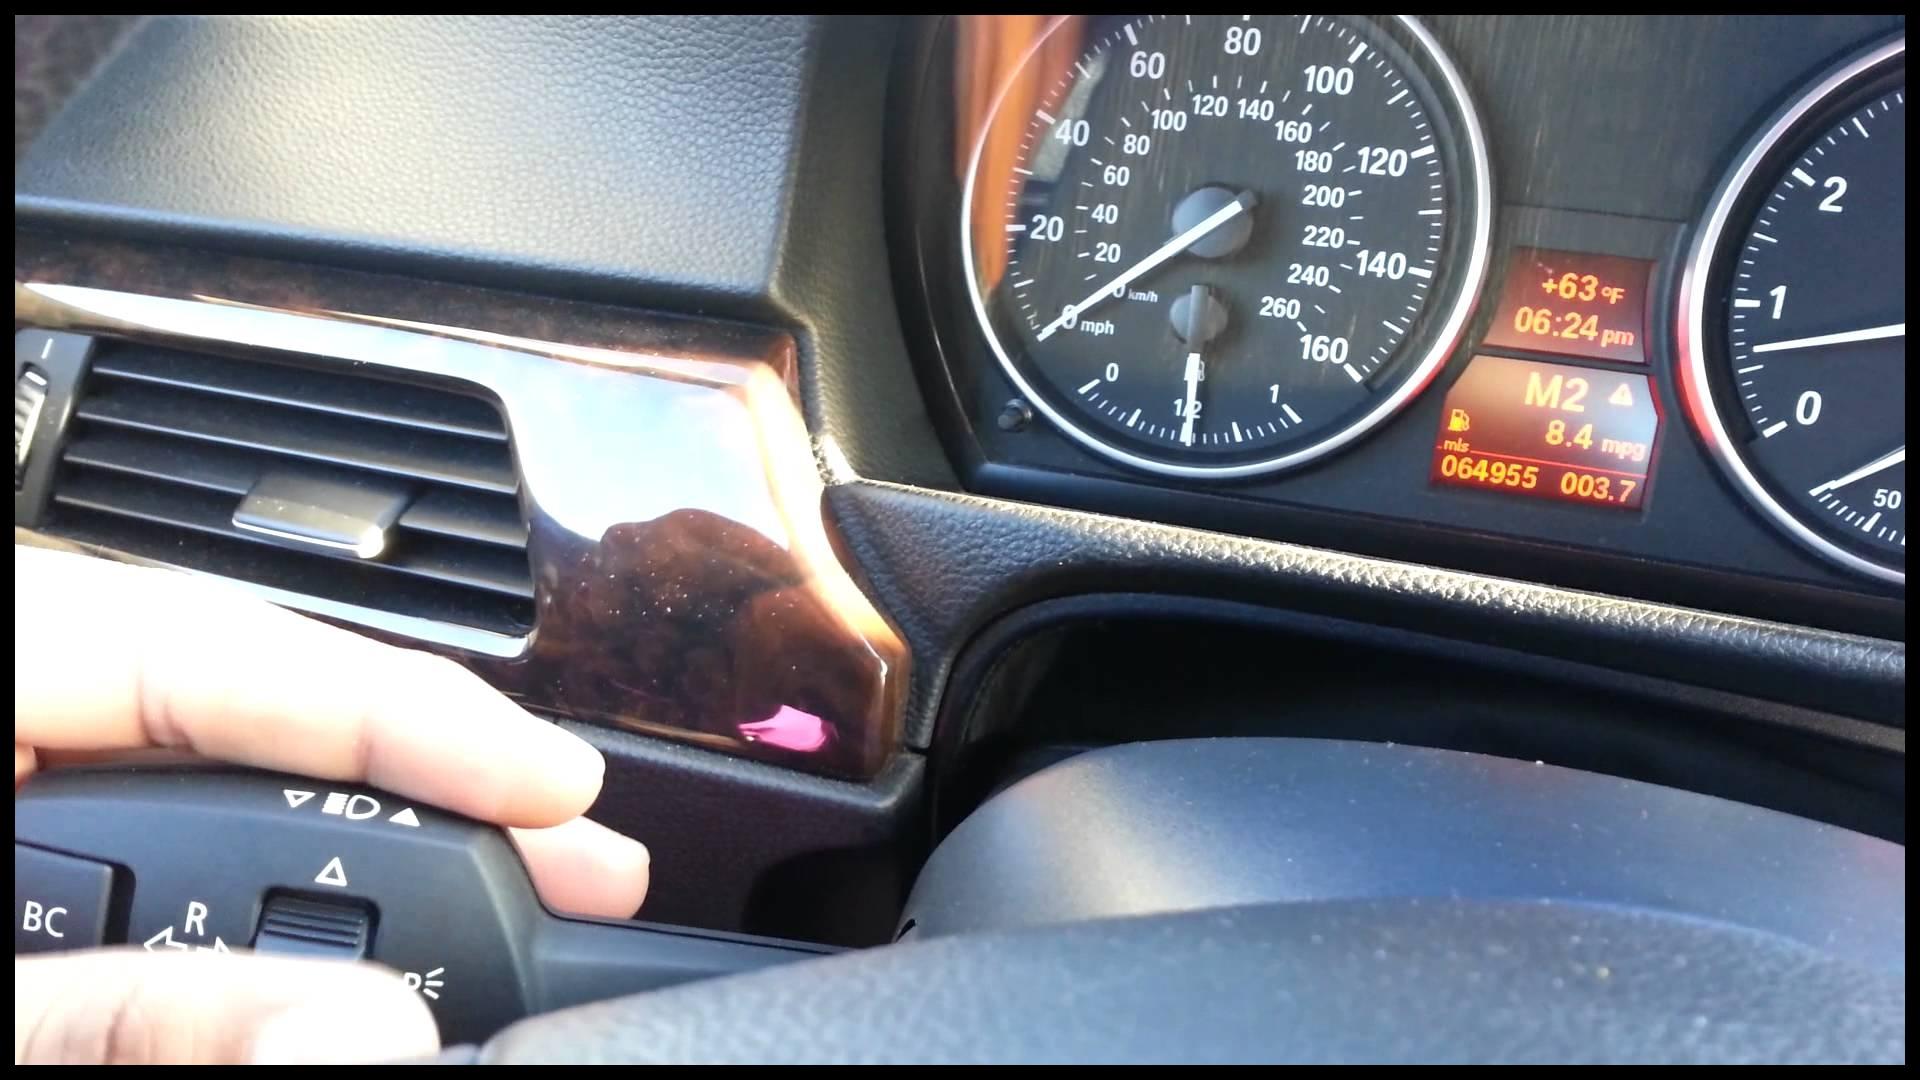 BMW E90 BC Button Inoperative